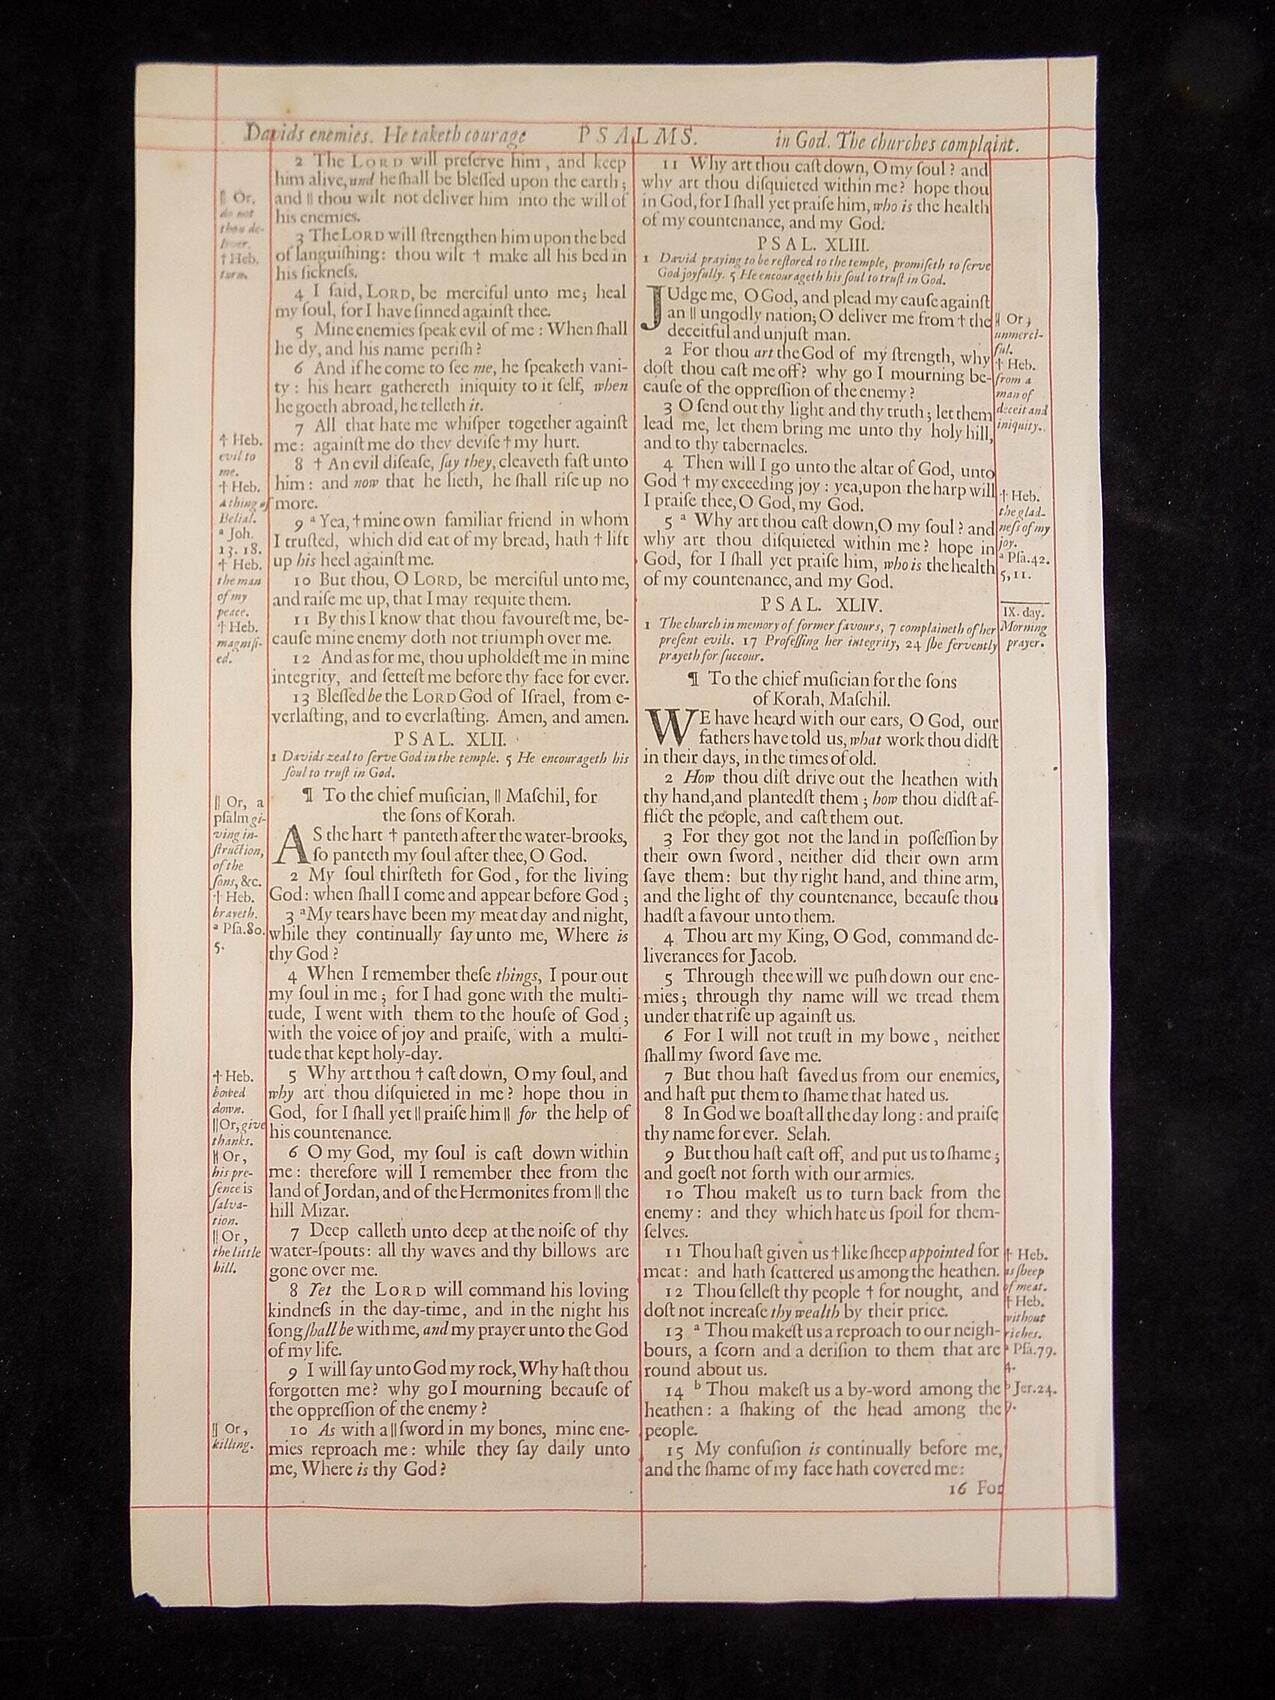 1680 OXFORD KJV PSALMS LEAVES